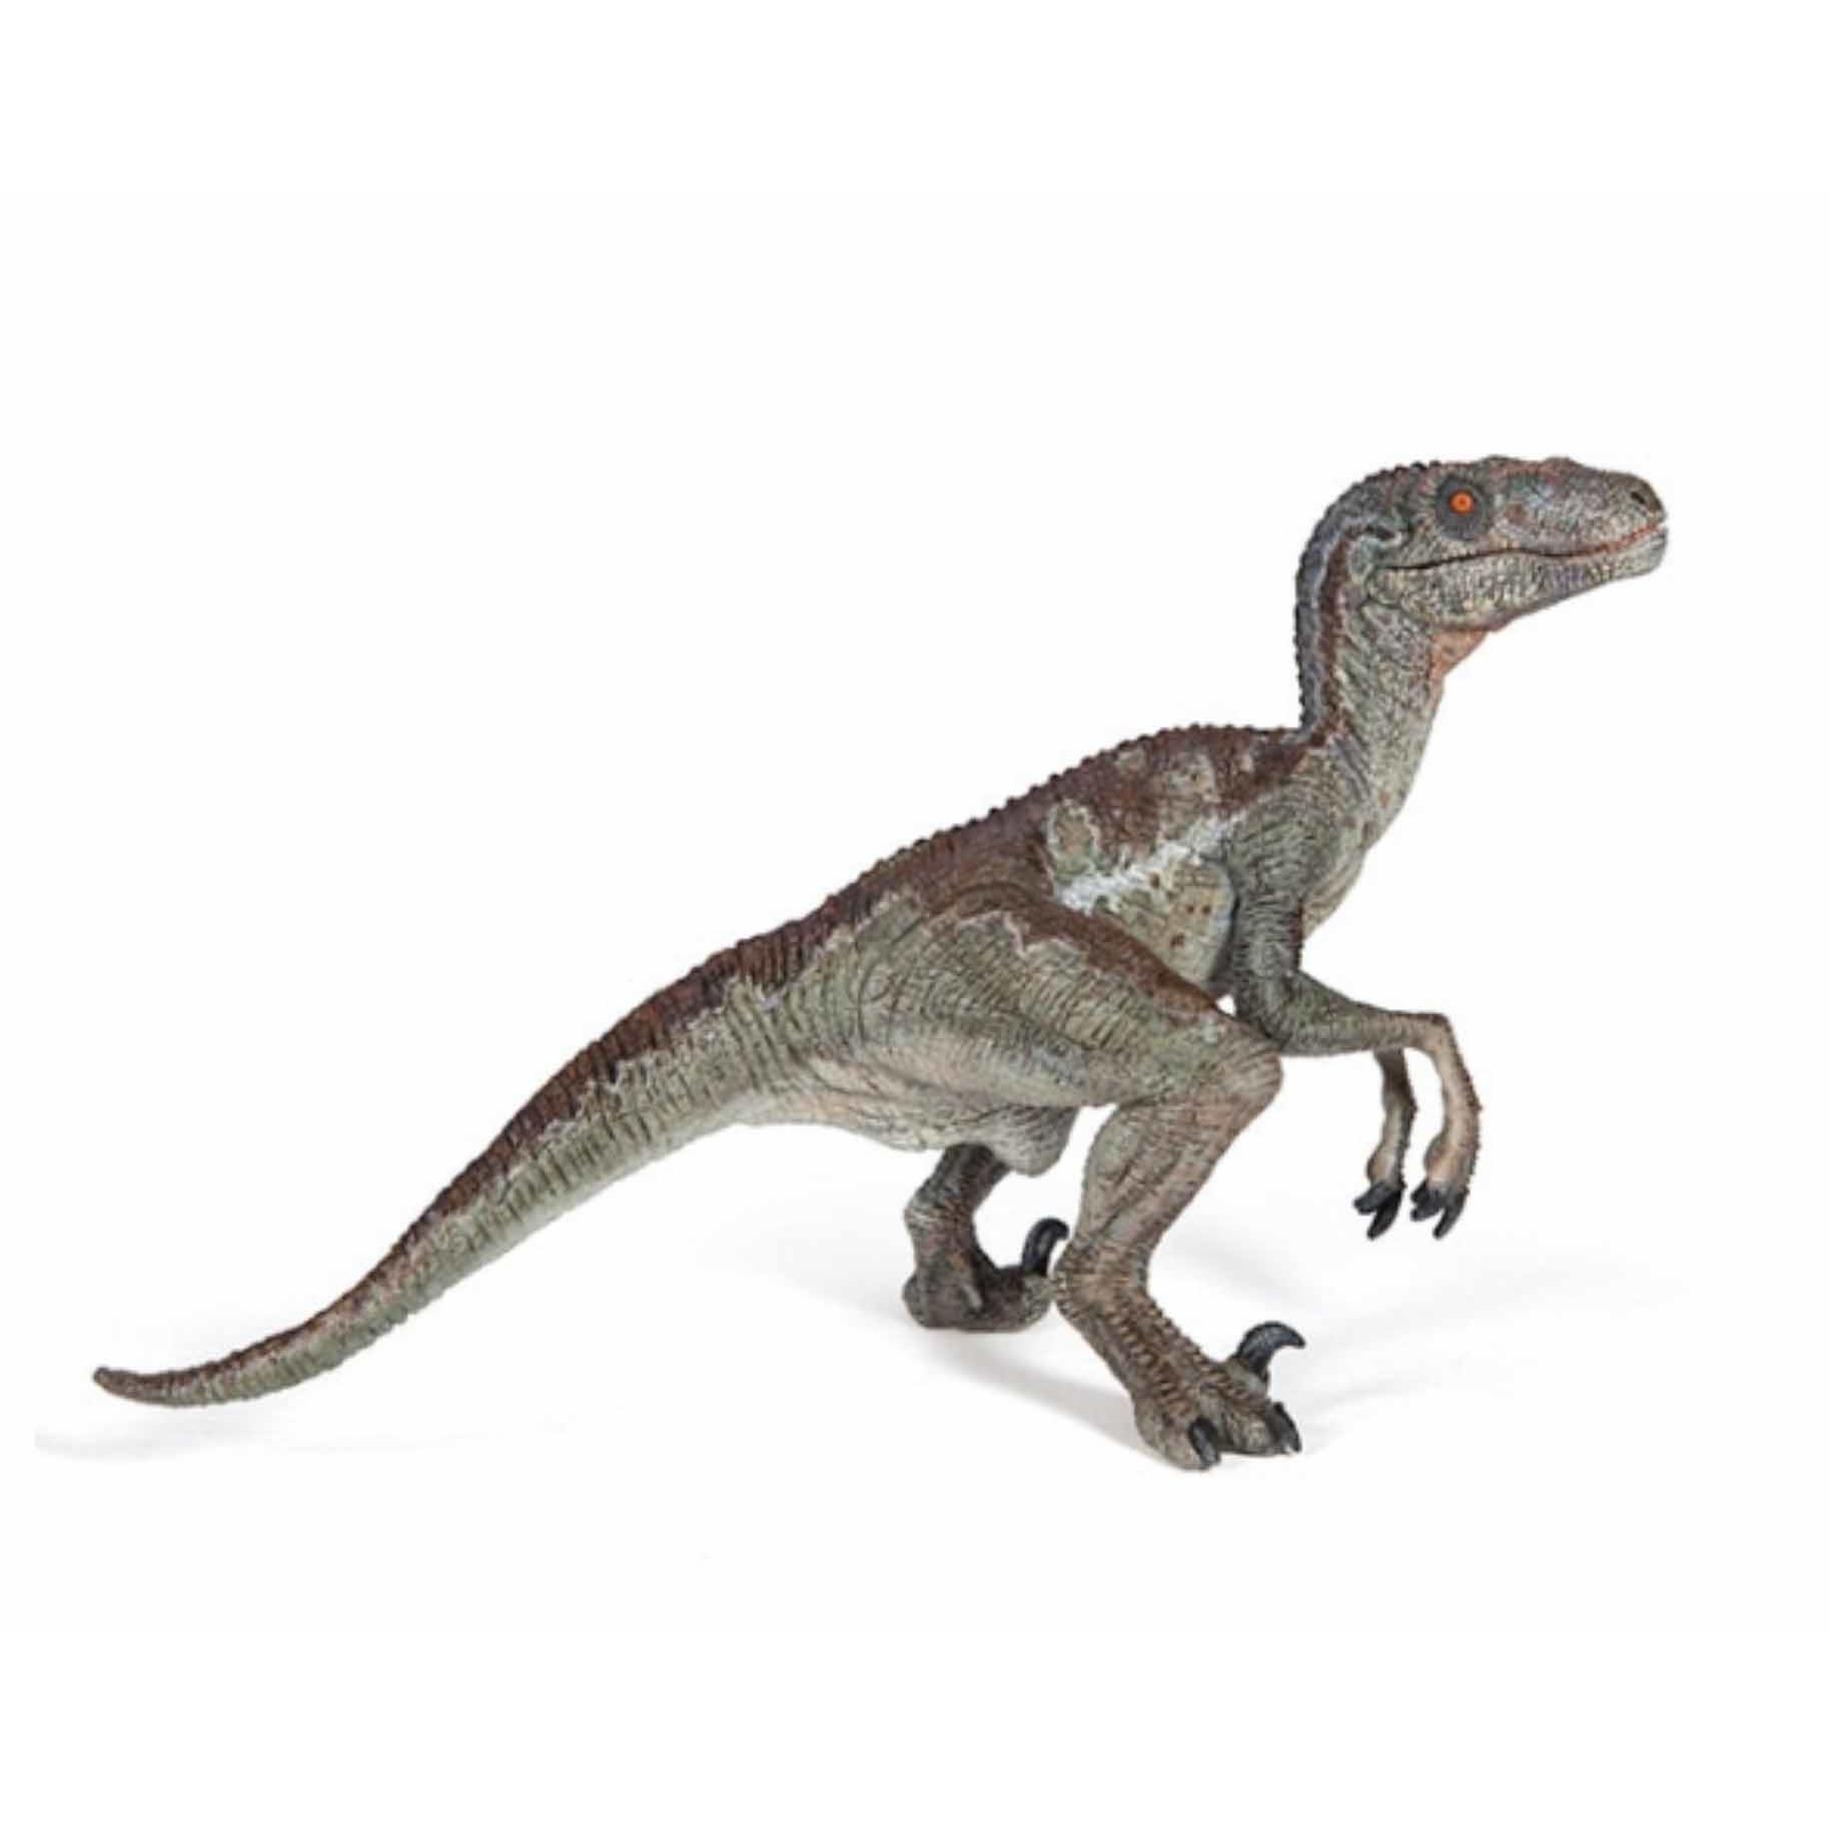 Plastic speelfiguur velociraptor dinosaurus 15 cm